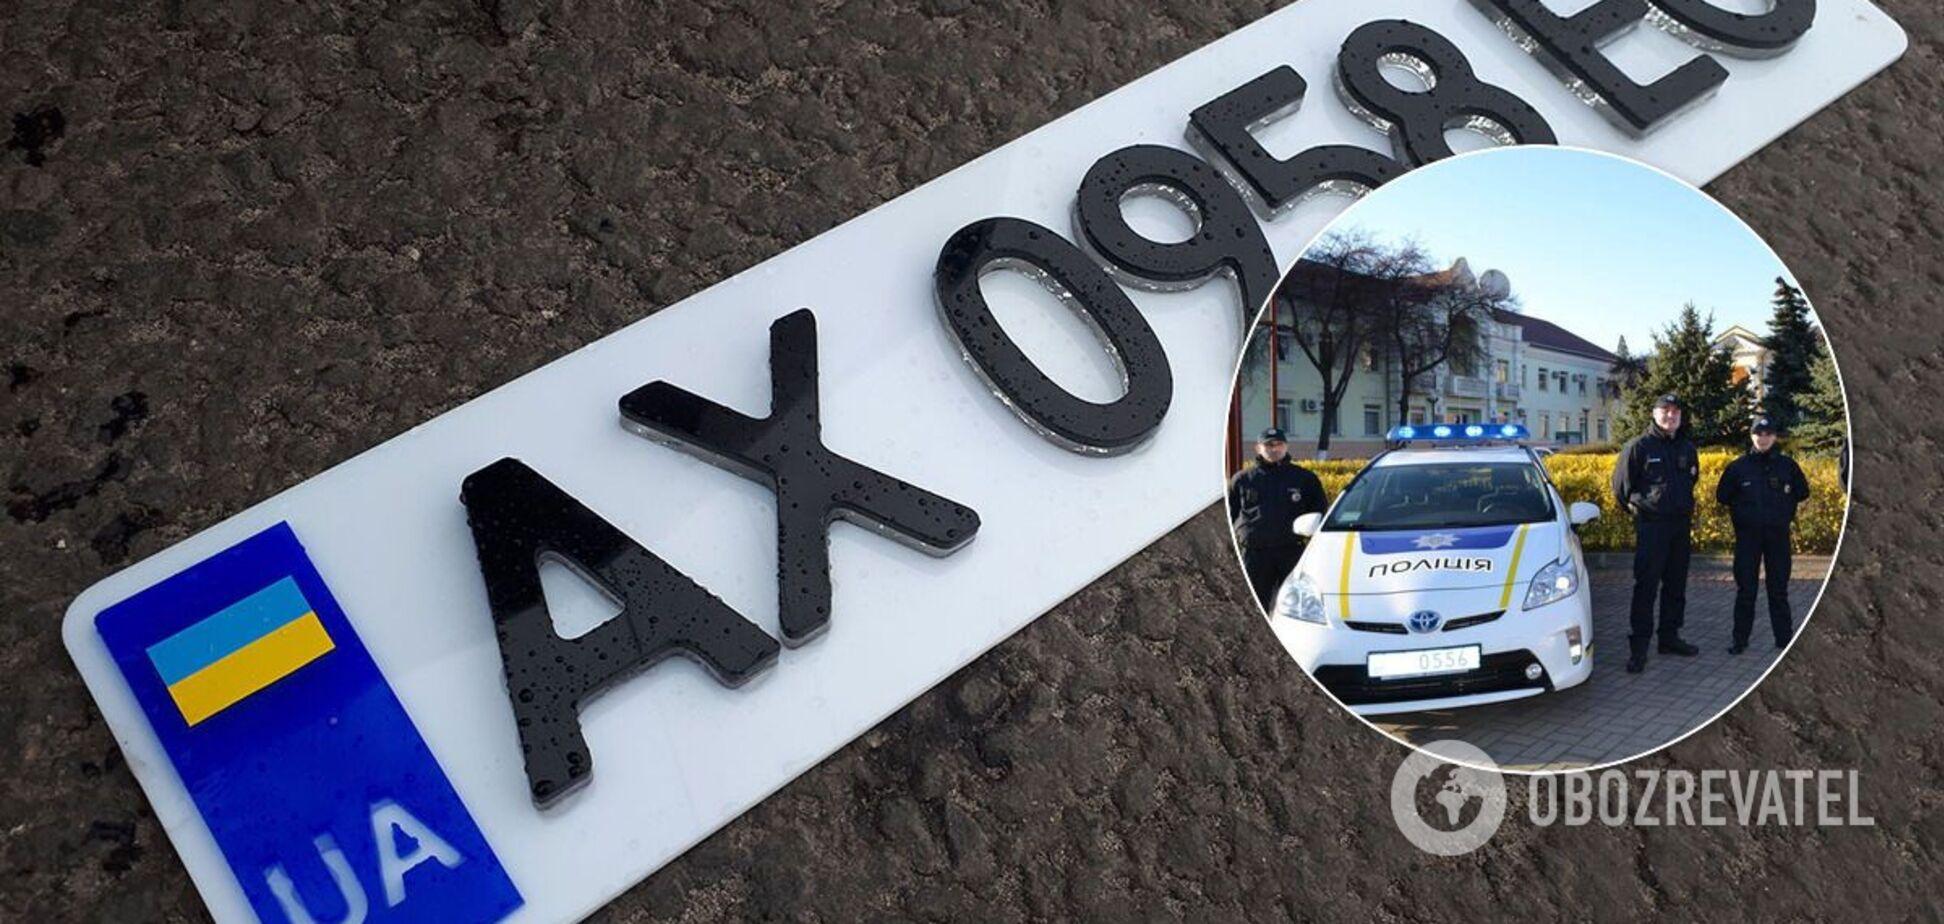 Патрульная полиция начала штрафовать за 3D-номера на авто